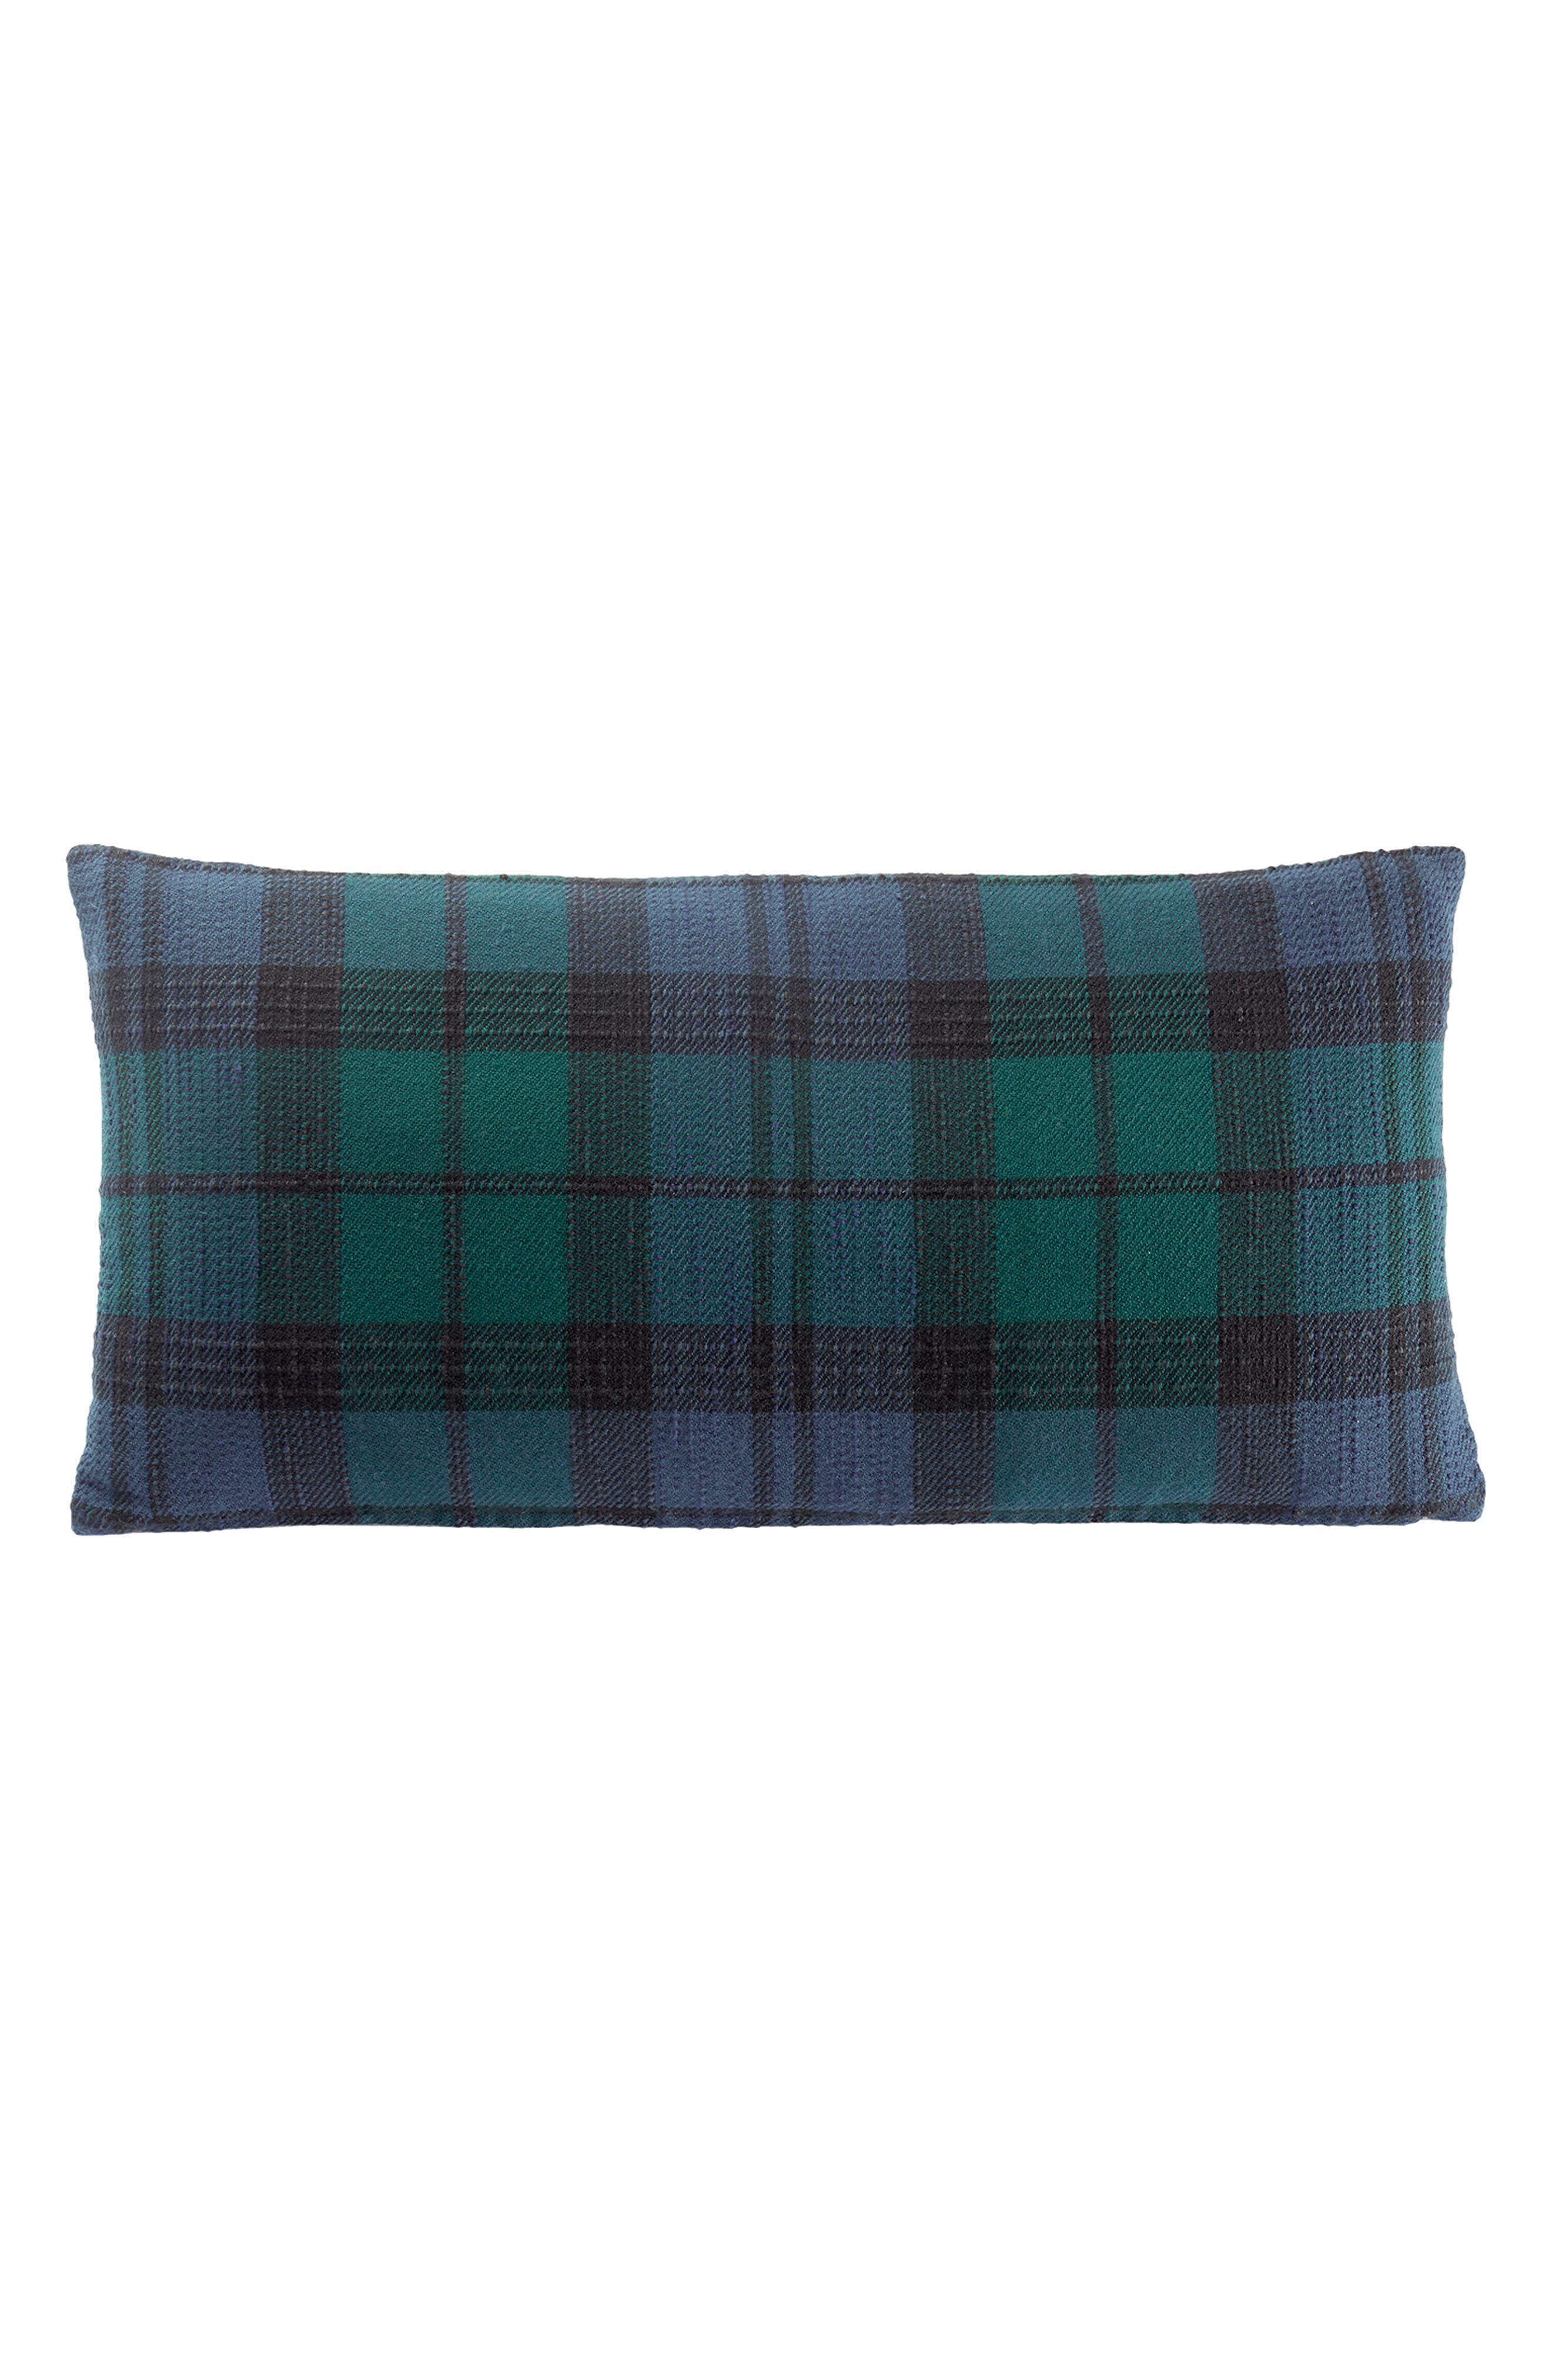 Plaid Hug Accent Pillow, Main, color, 300